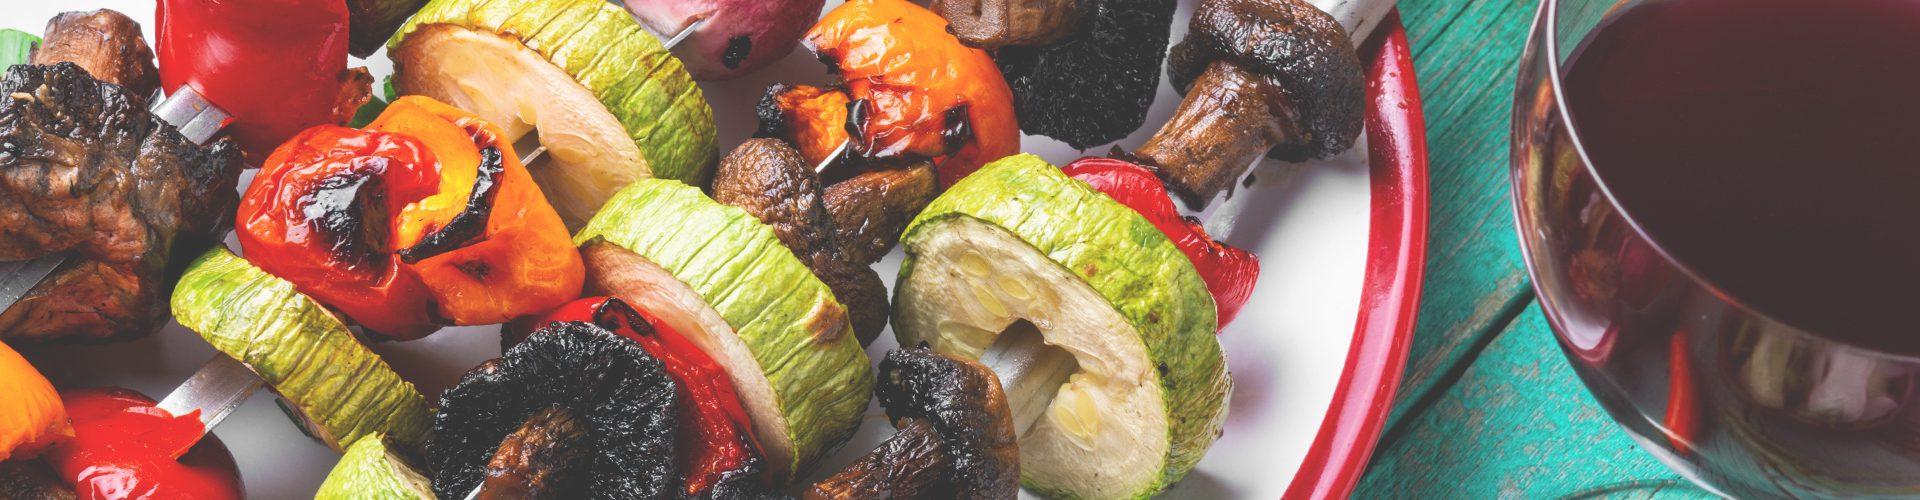 carnivore vs vegan diet - vegan skewers and wine